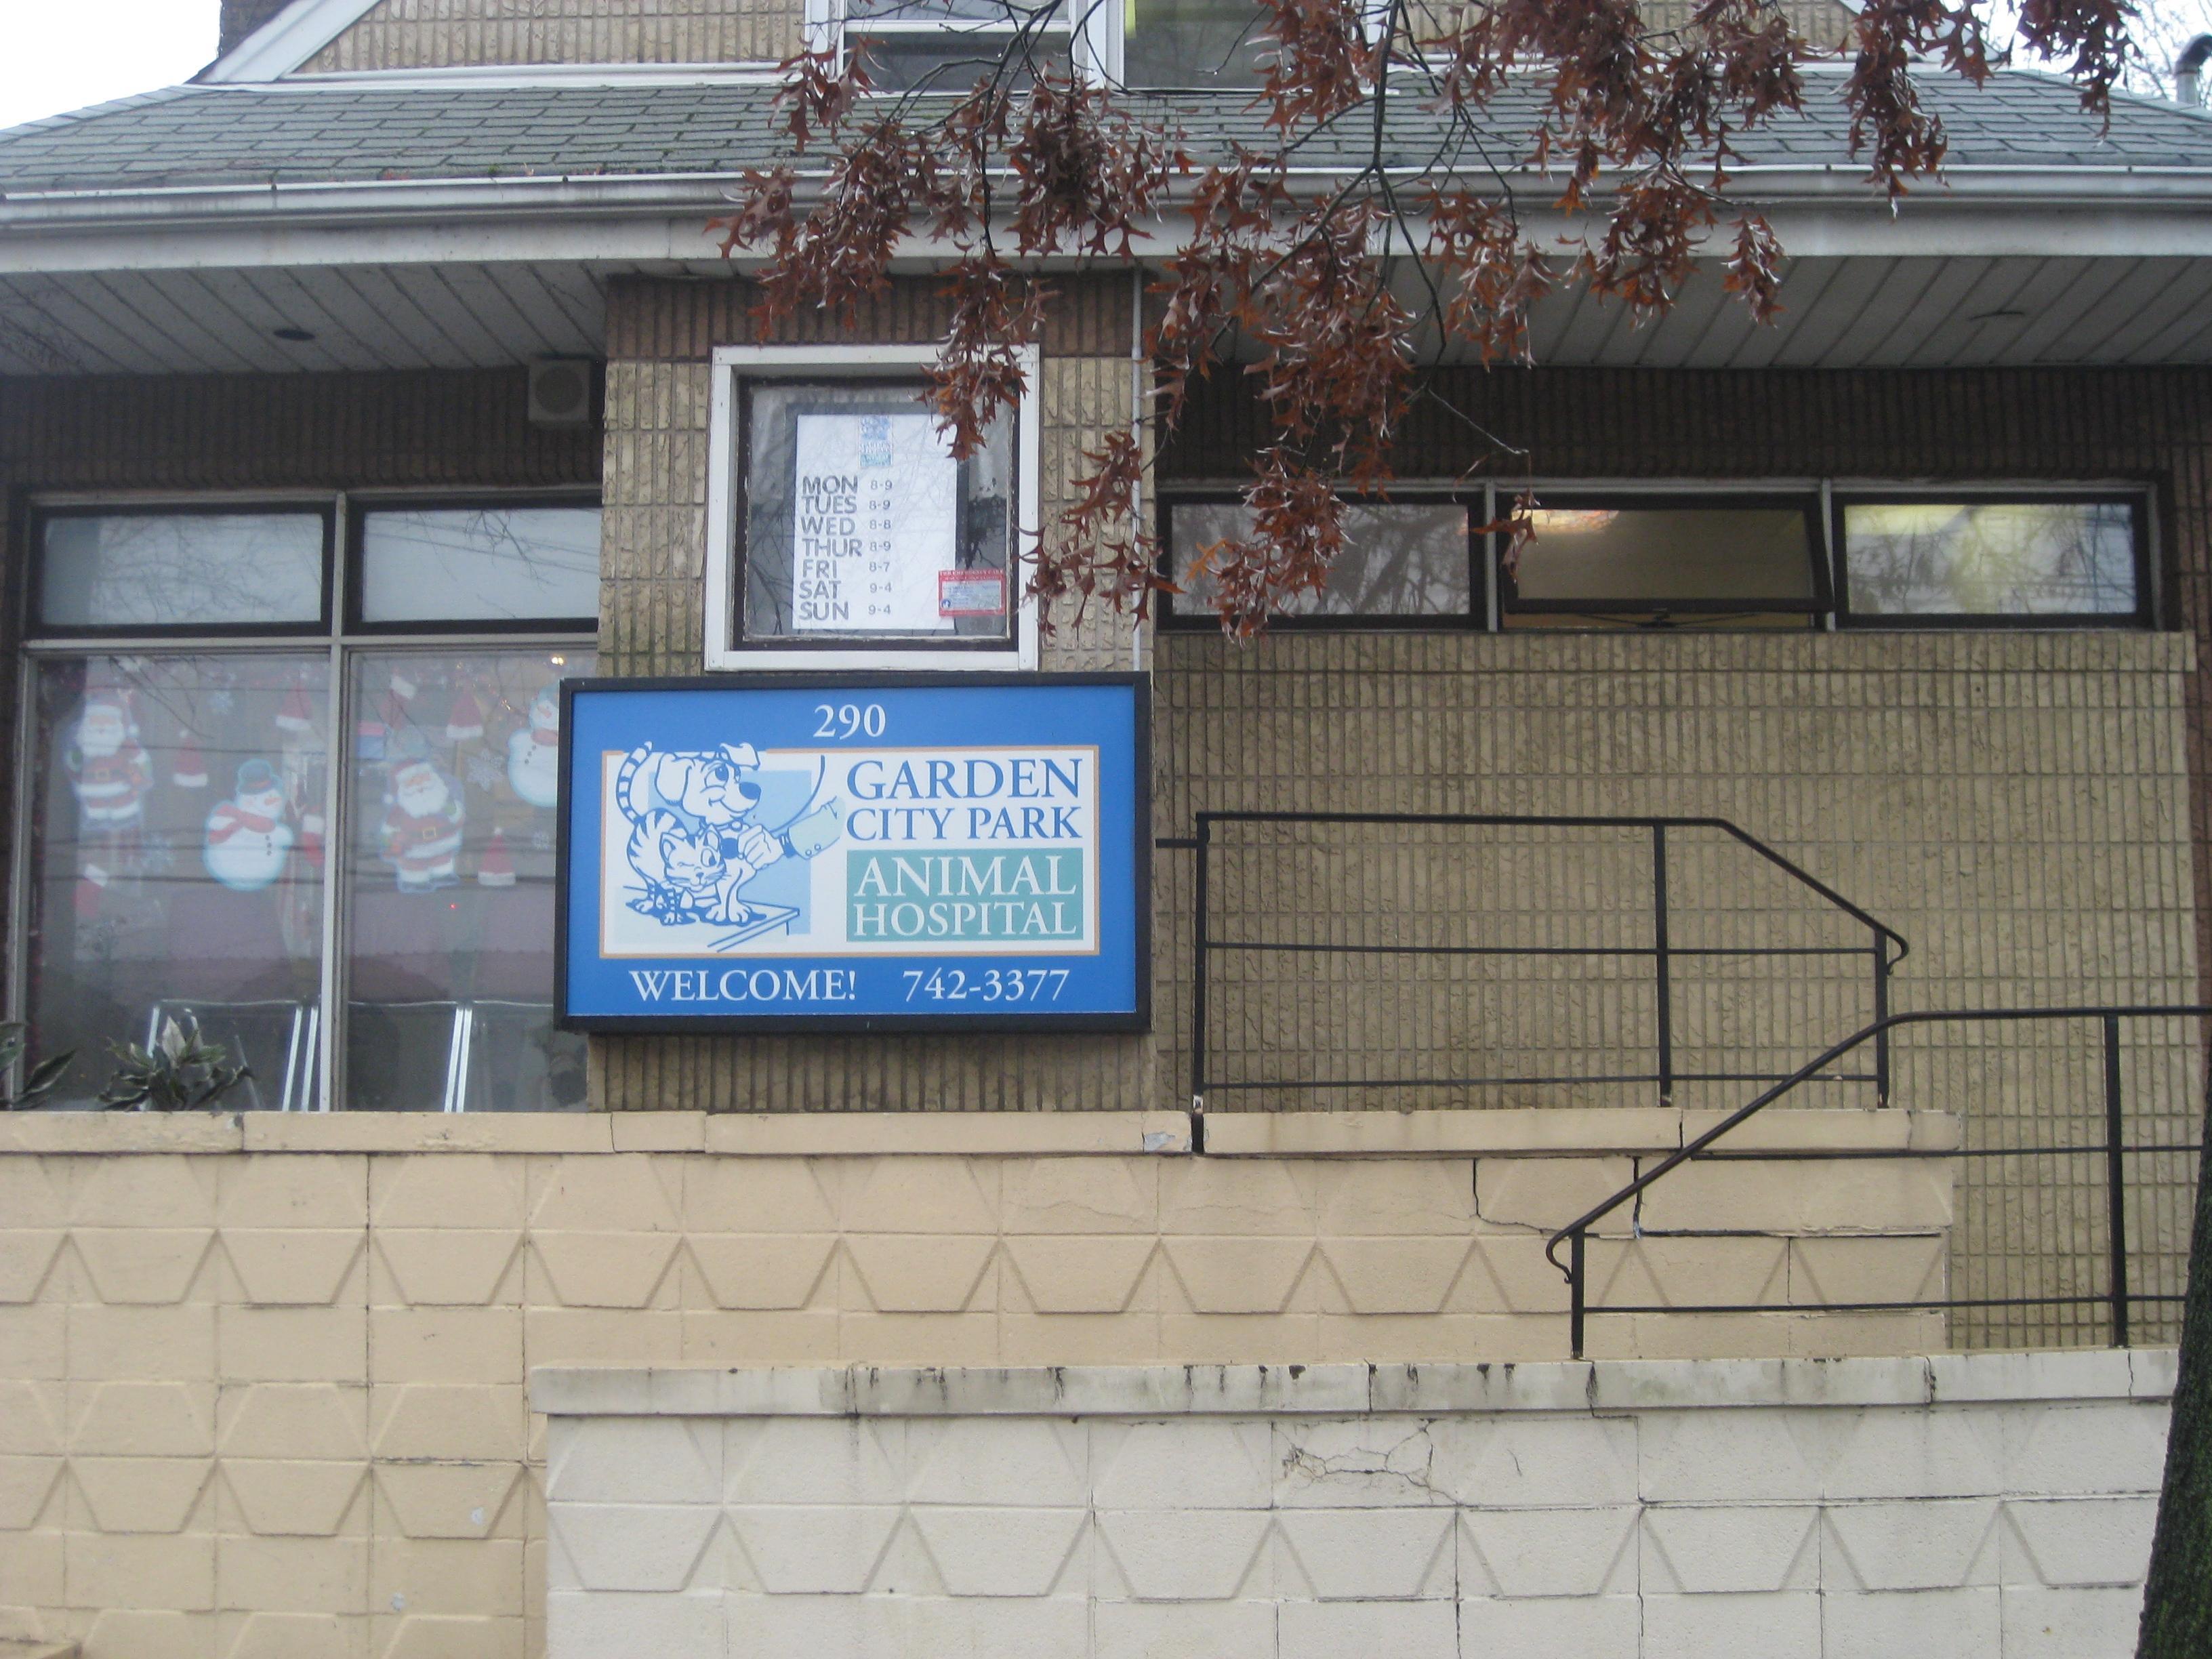 Garden City Park Animal Hospital In New Hyde Park Ny 11040